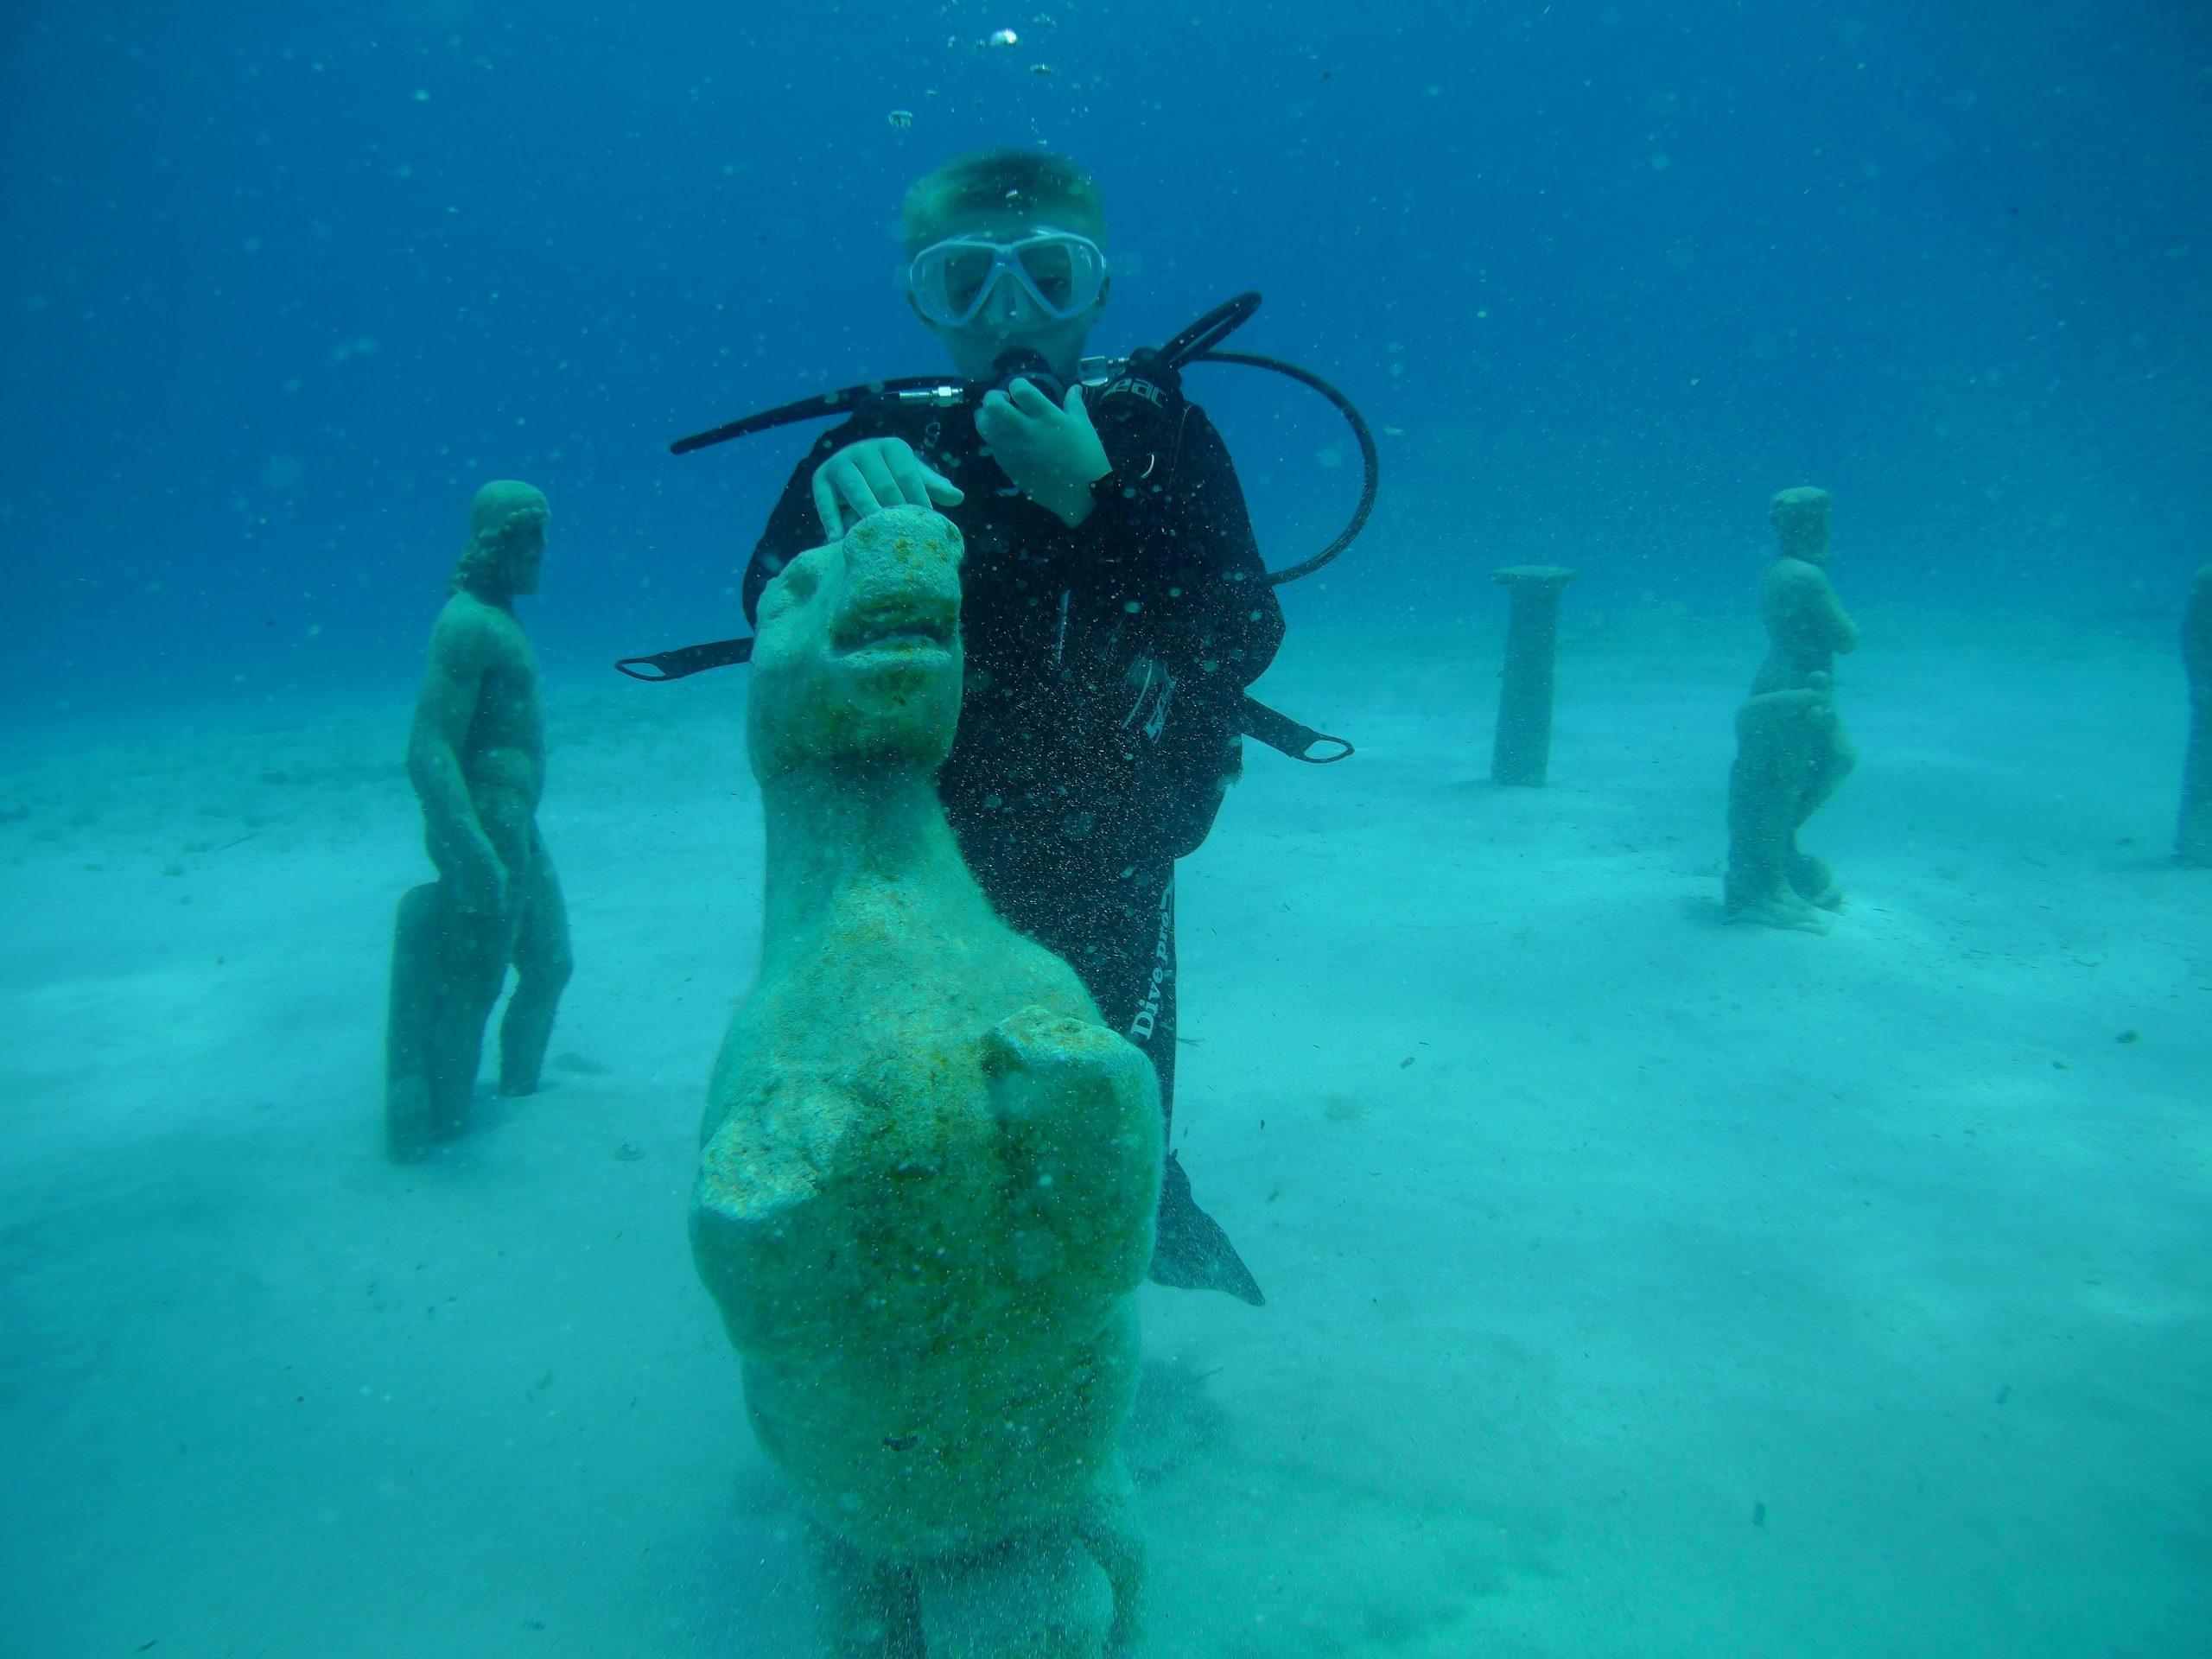 Child on Sea horse